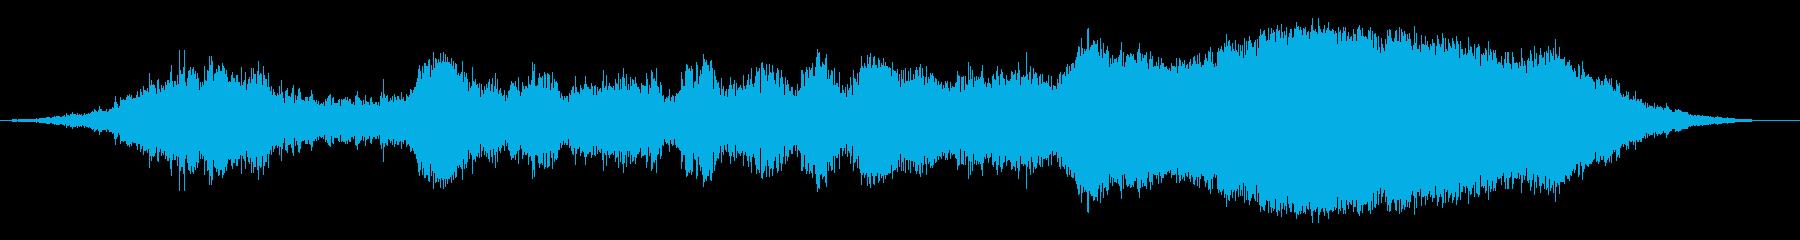 サッカー1の再生済みの波形